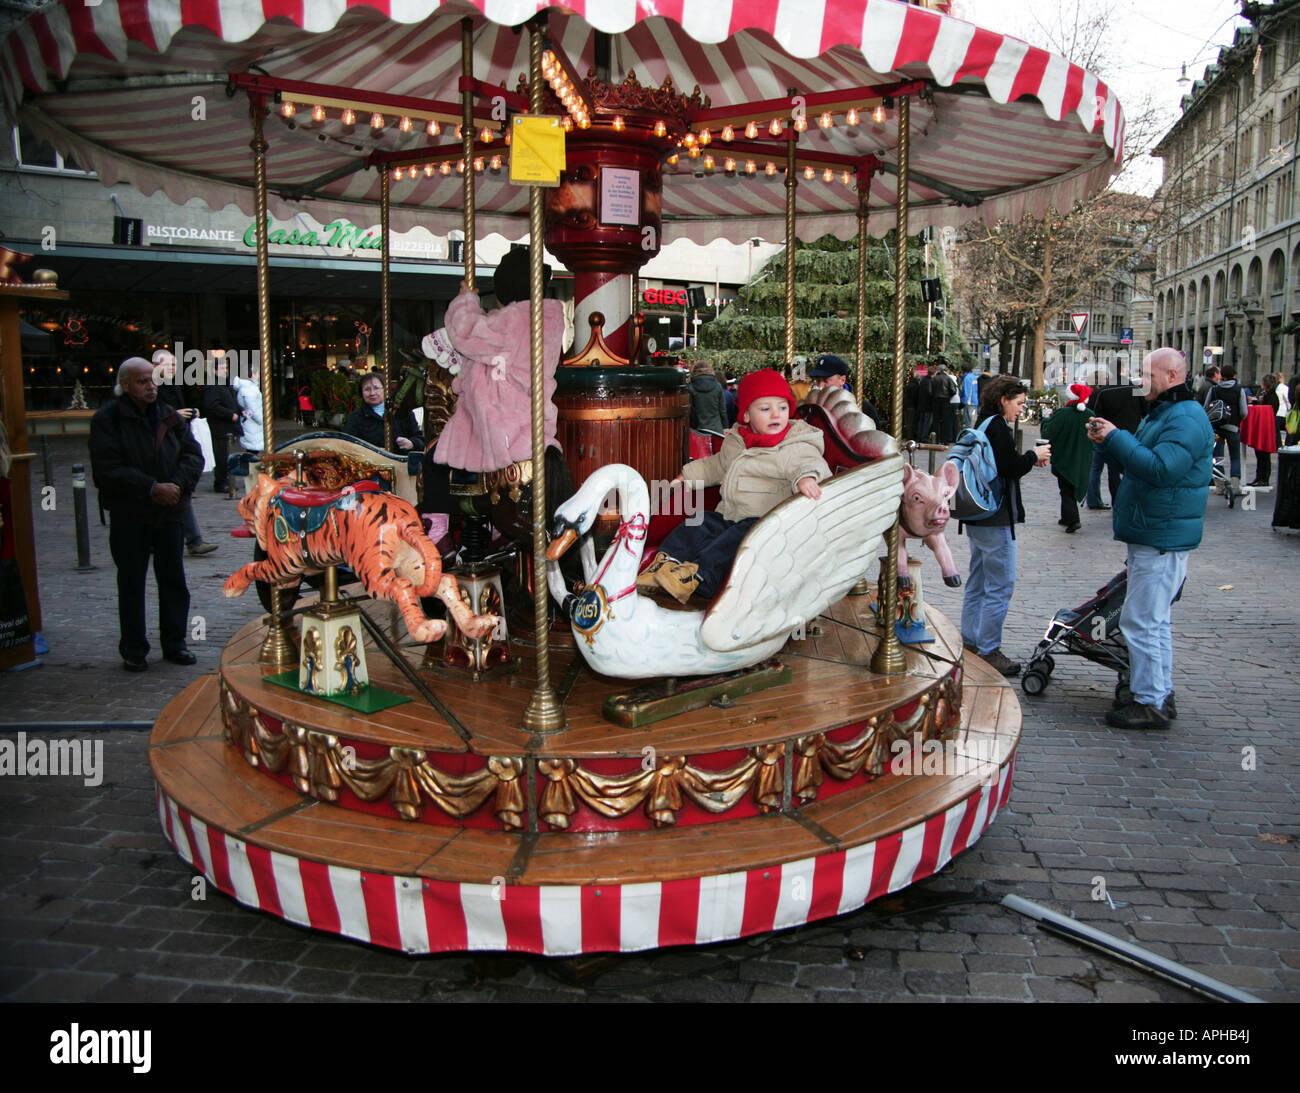 Merry Go Round Werdmuhleplatz Christmas market Zurich Old Town - Stock Image